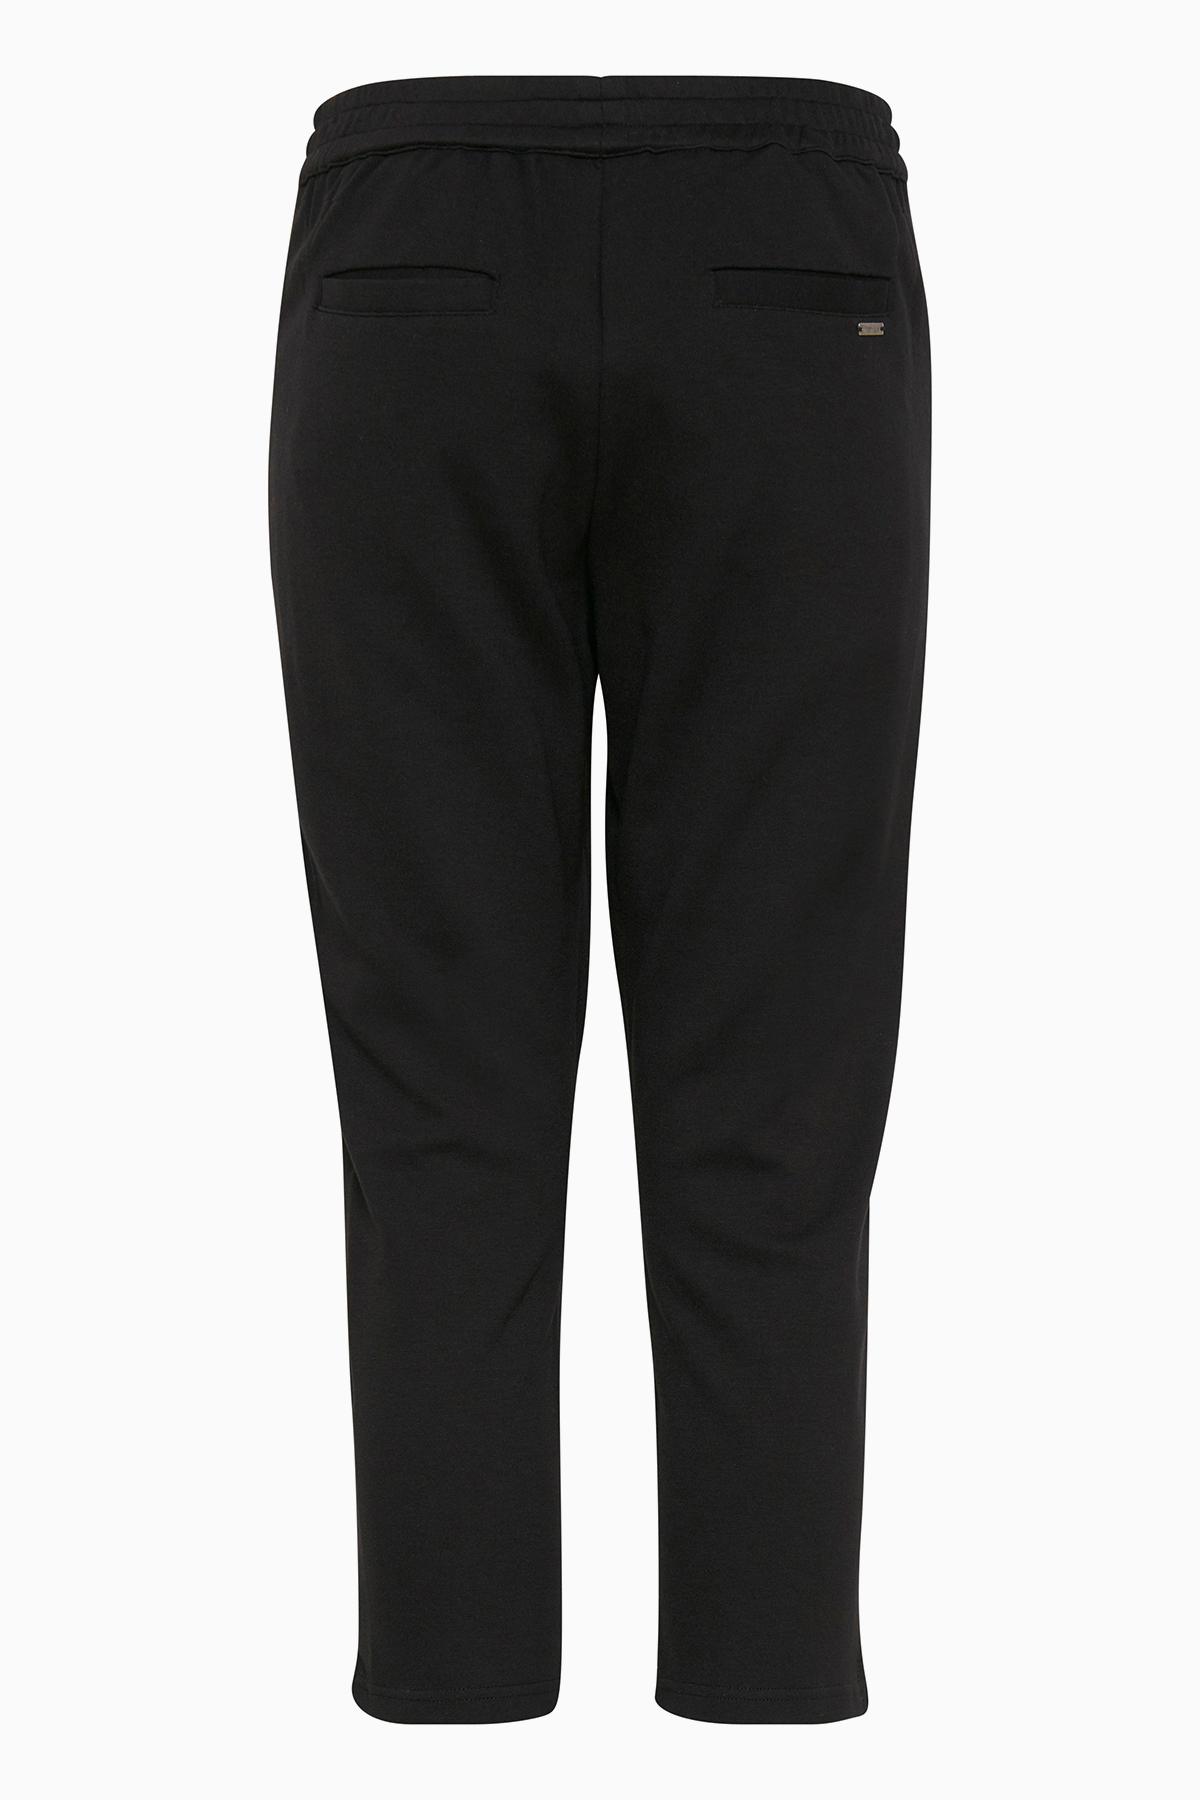 Sort Casual bukser fra Fransa – Køb Sort Casual bukser fra str. XS-XXL her